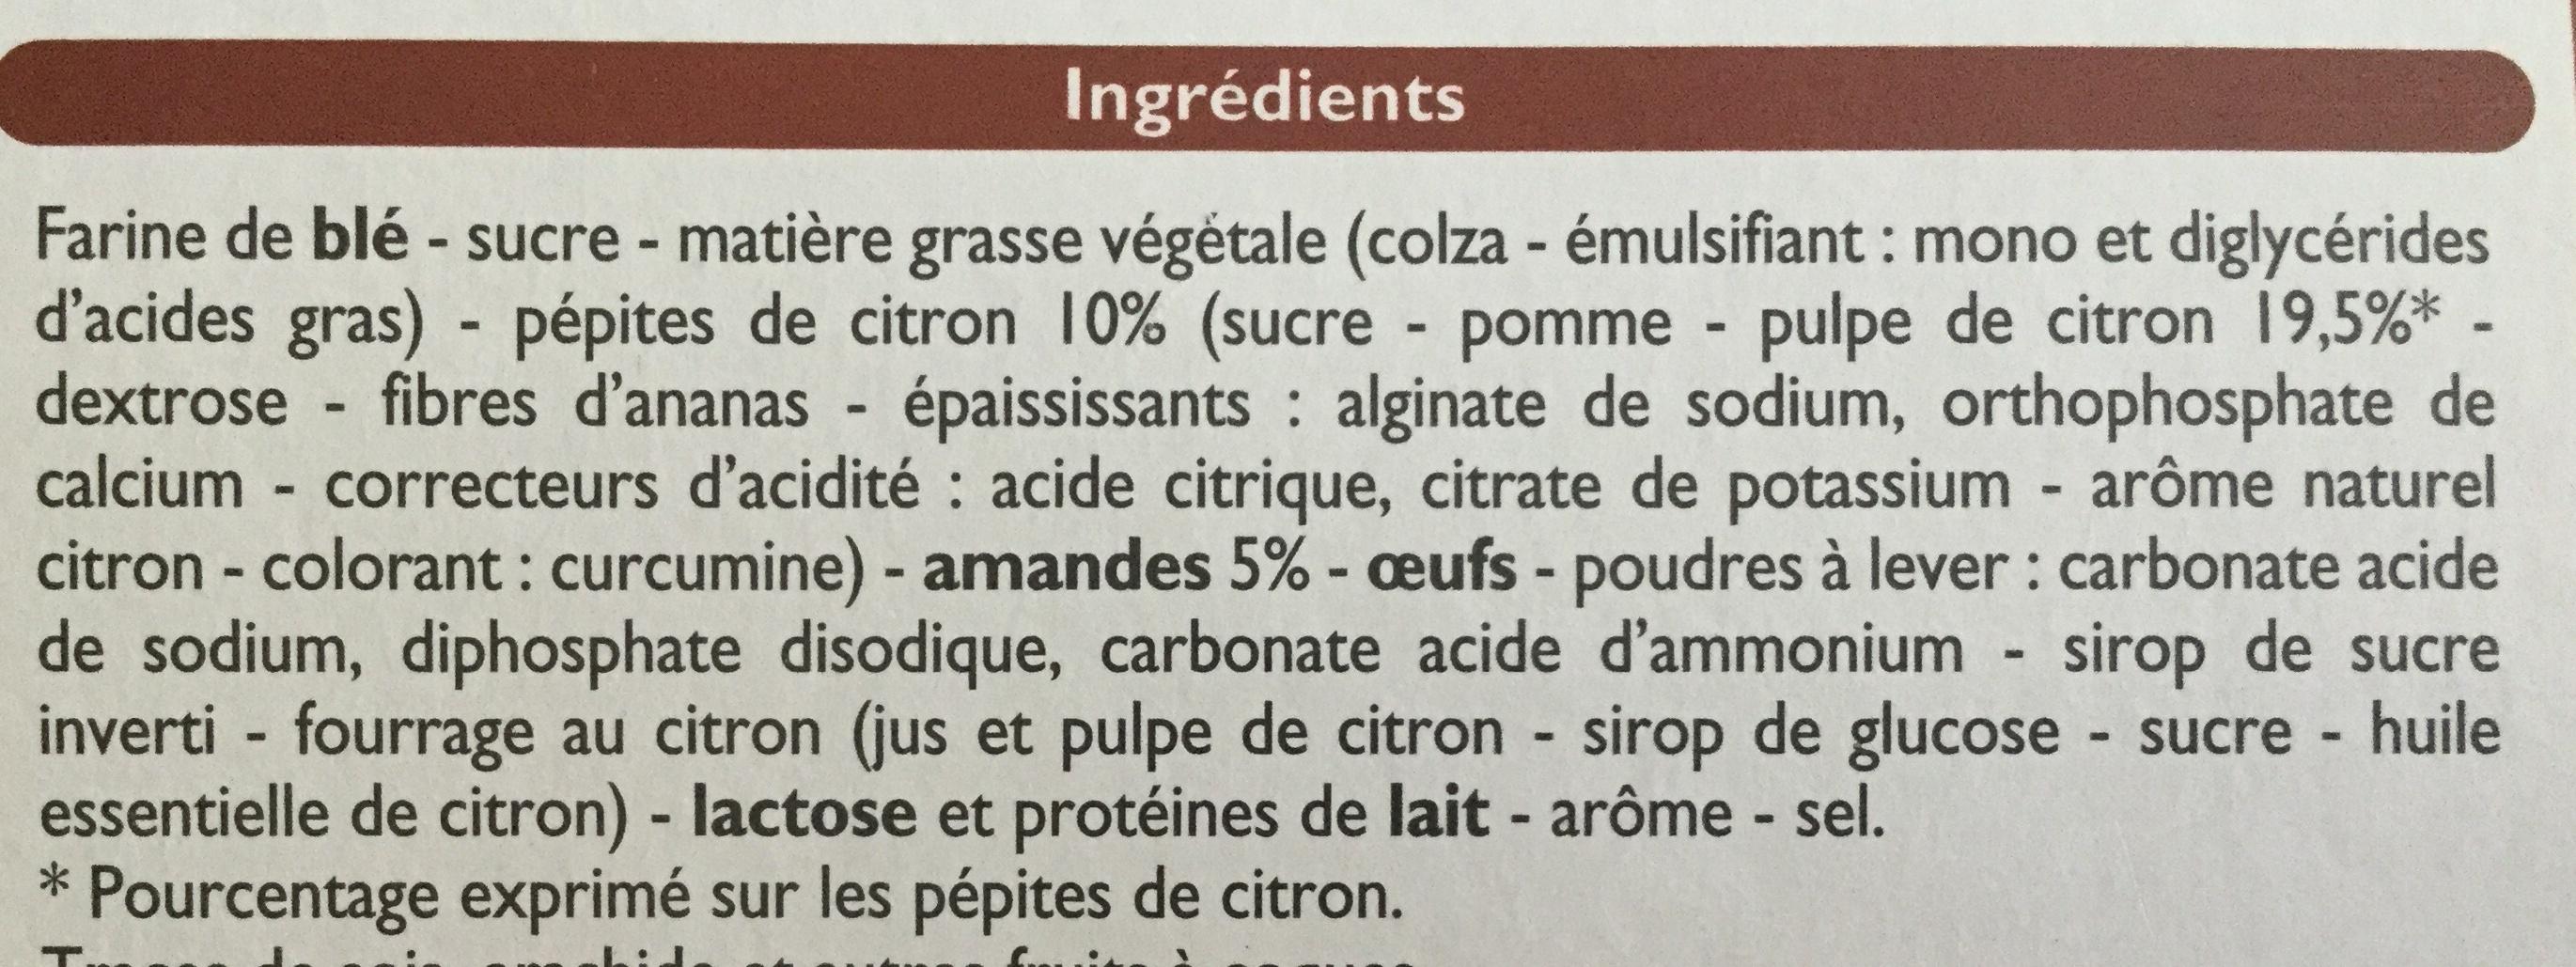 Biscuits sablés au citron et aux amandes - Ingrédients - fr